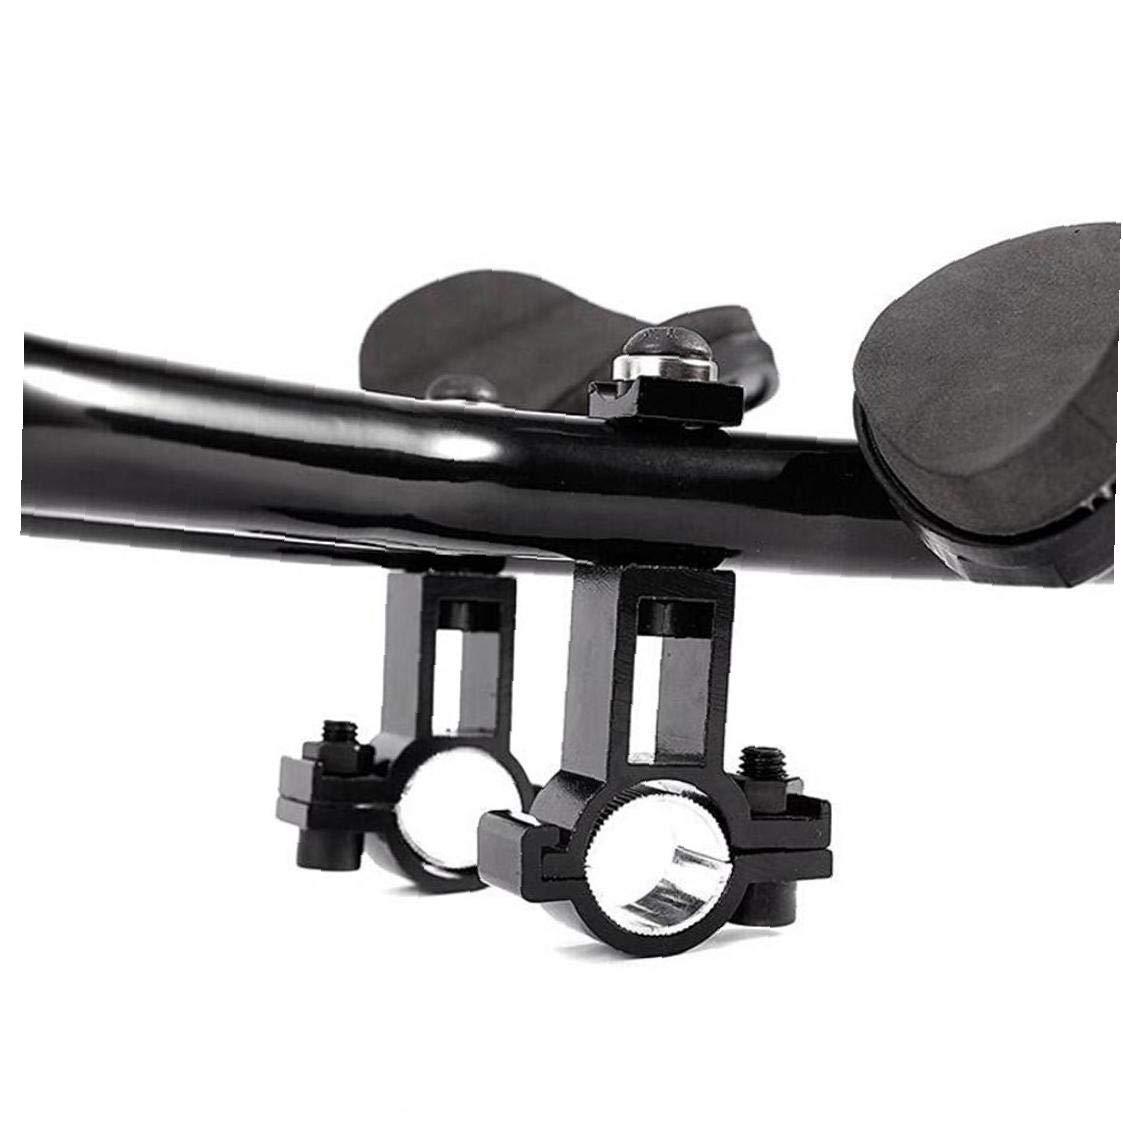 Die Fahrrad-Lenker Bike Armst/ützen Rasen Entspannung Lenker Fahrradlenker Balance Balance Zubeh/ör MTB Oder Rennrad